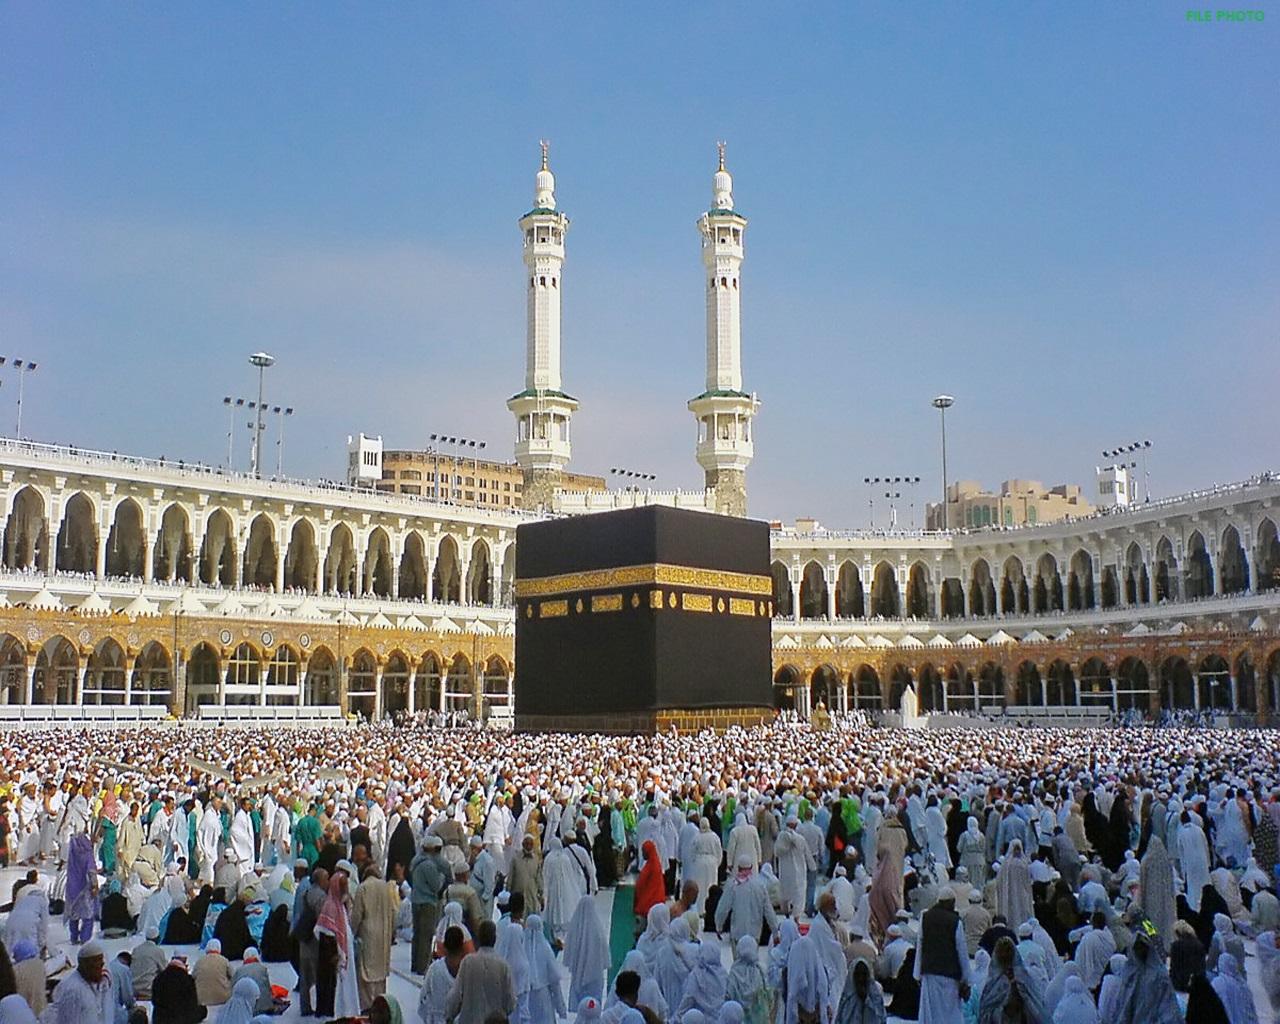 इस बार सऊदी अरब मे रहने वाले लोग ही कर पाएंगे हज